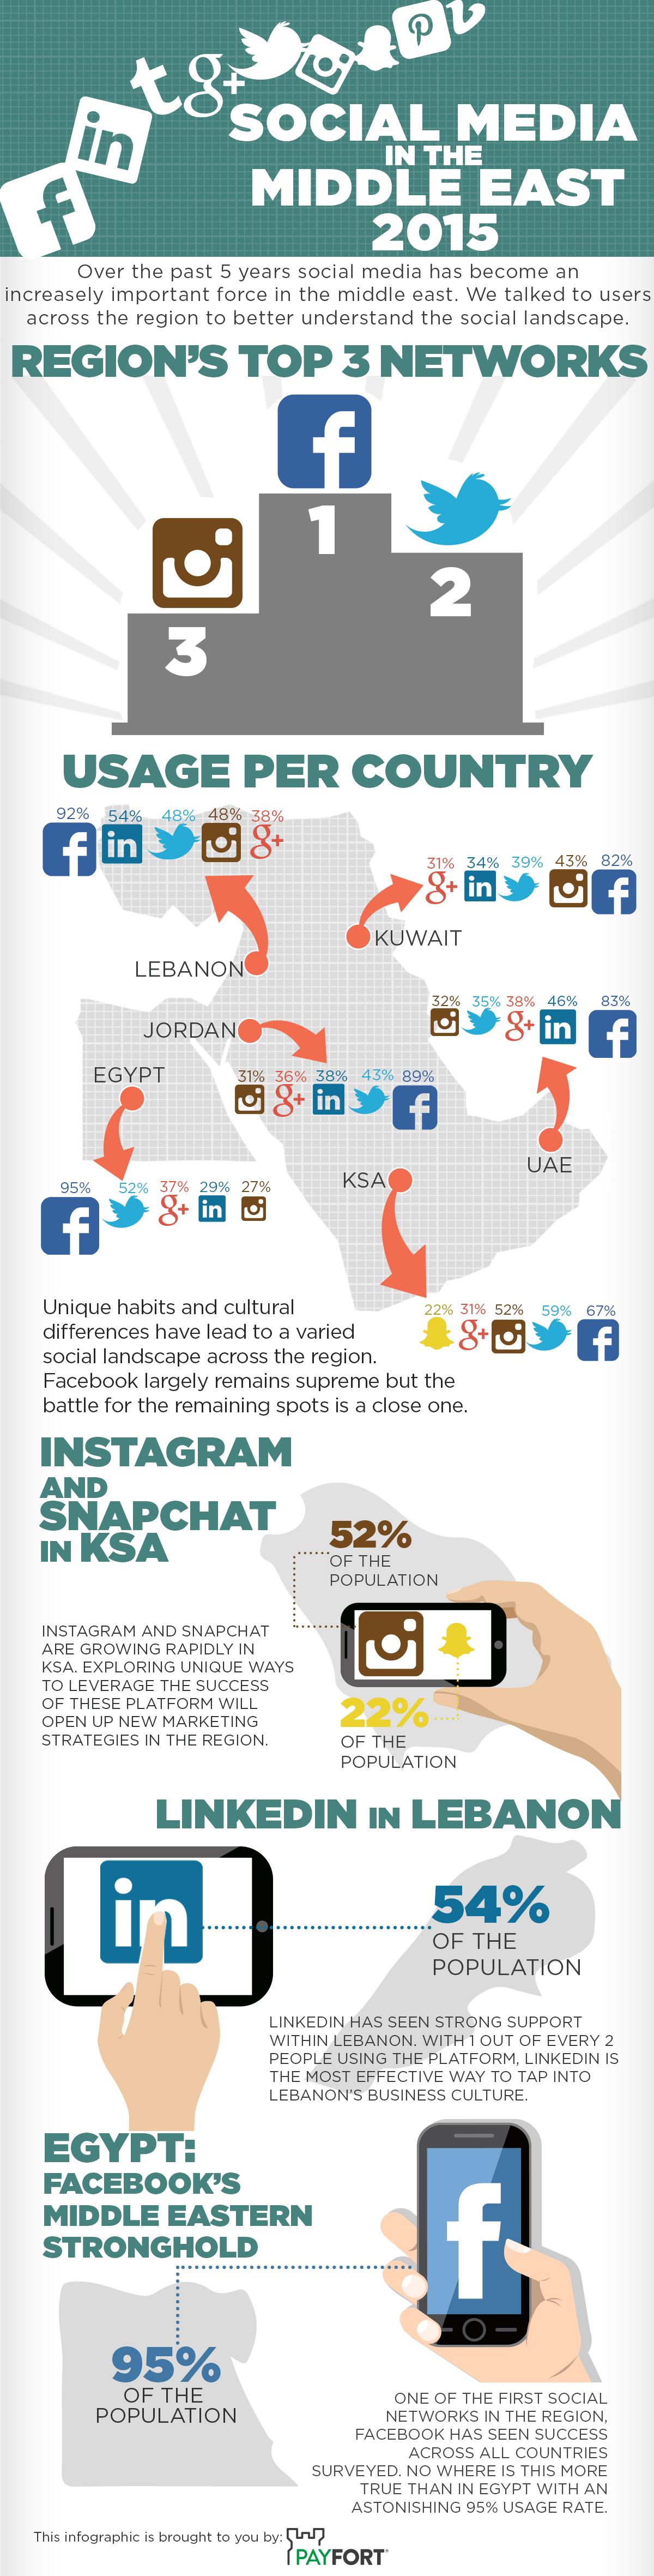 social media mena 2015 stats